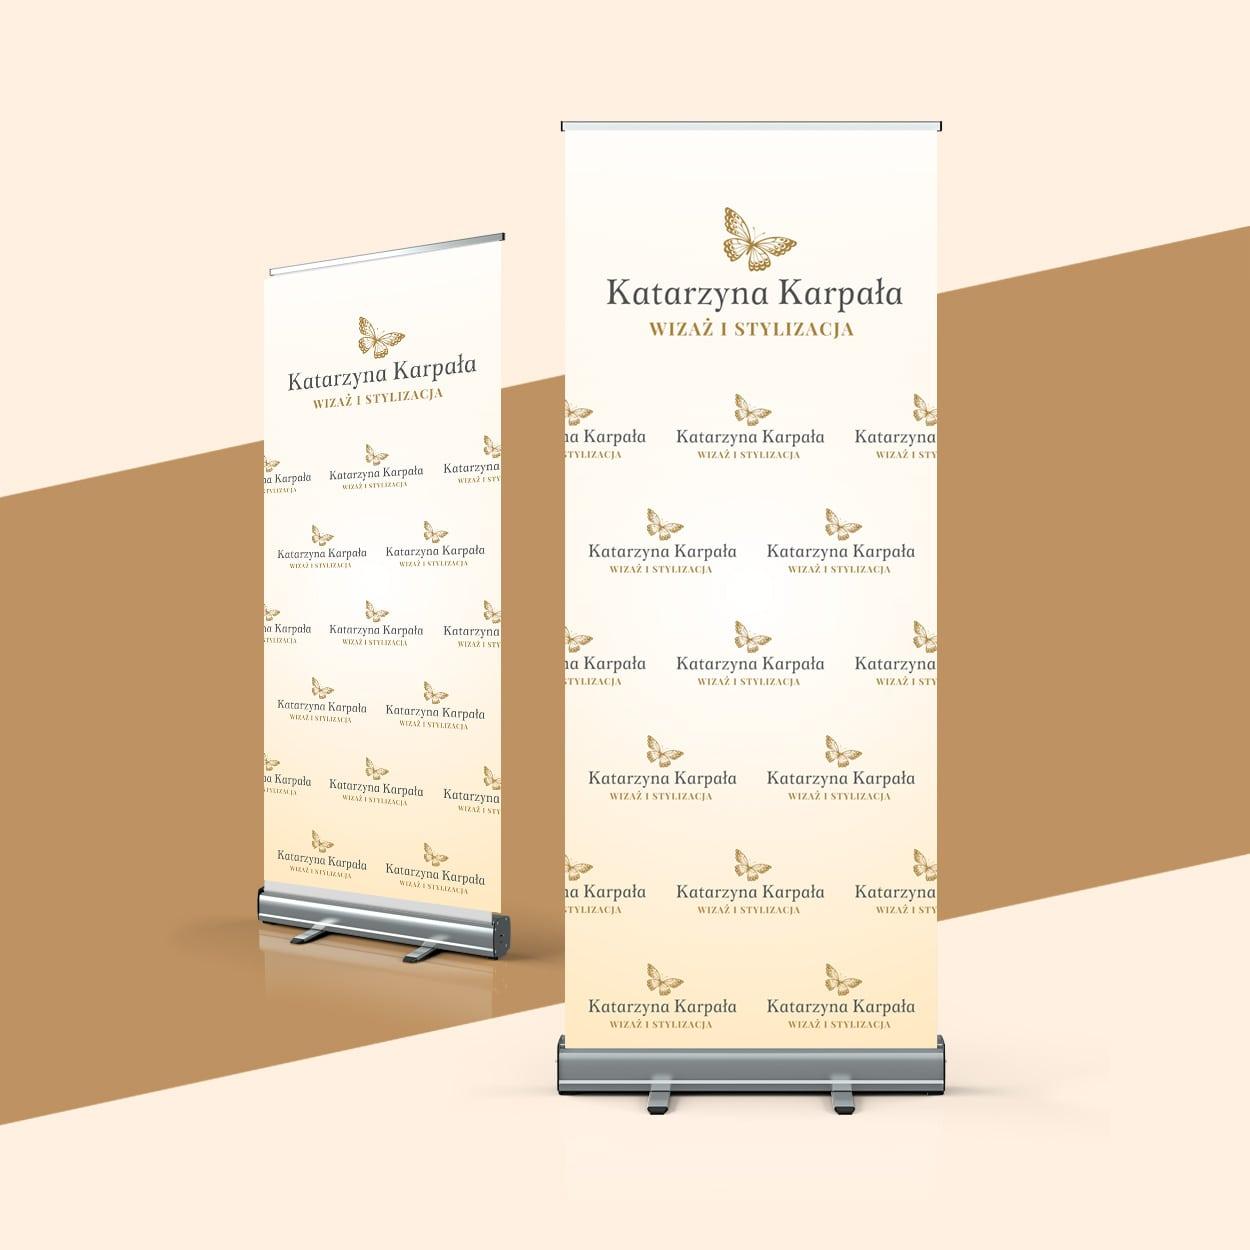 projekt graficzny rollup dla kosmetyczki karpala - Projekt rollupu dla wizażystki - Karpała